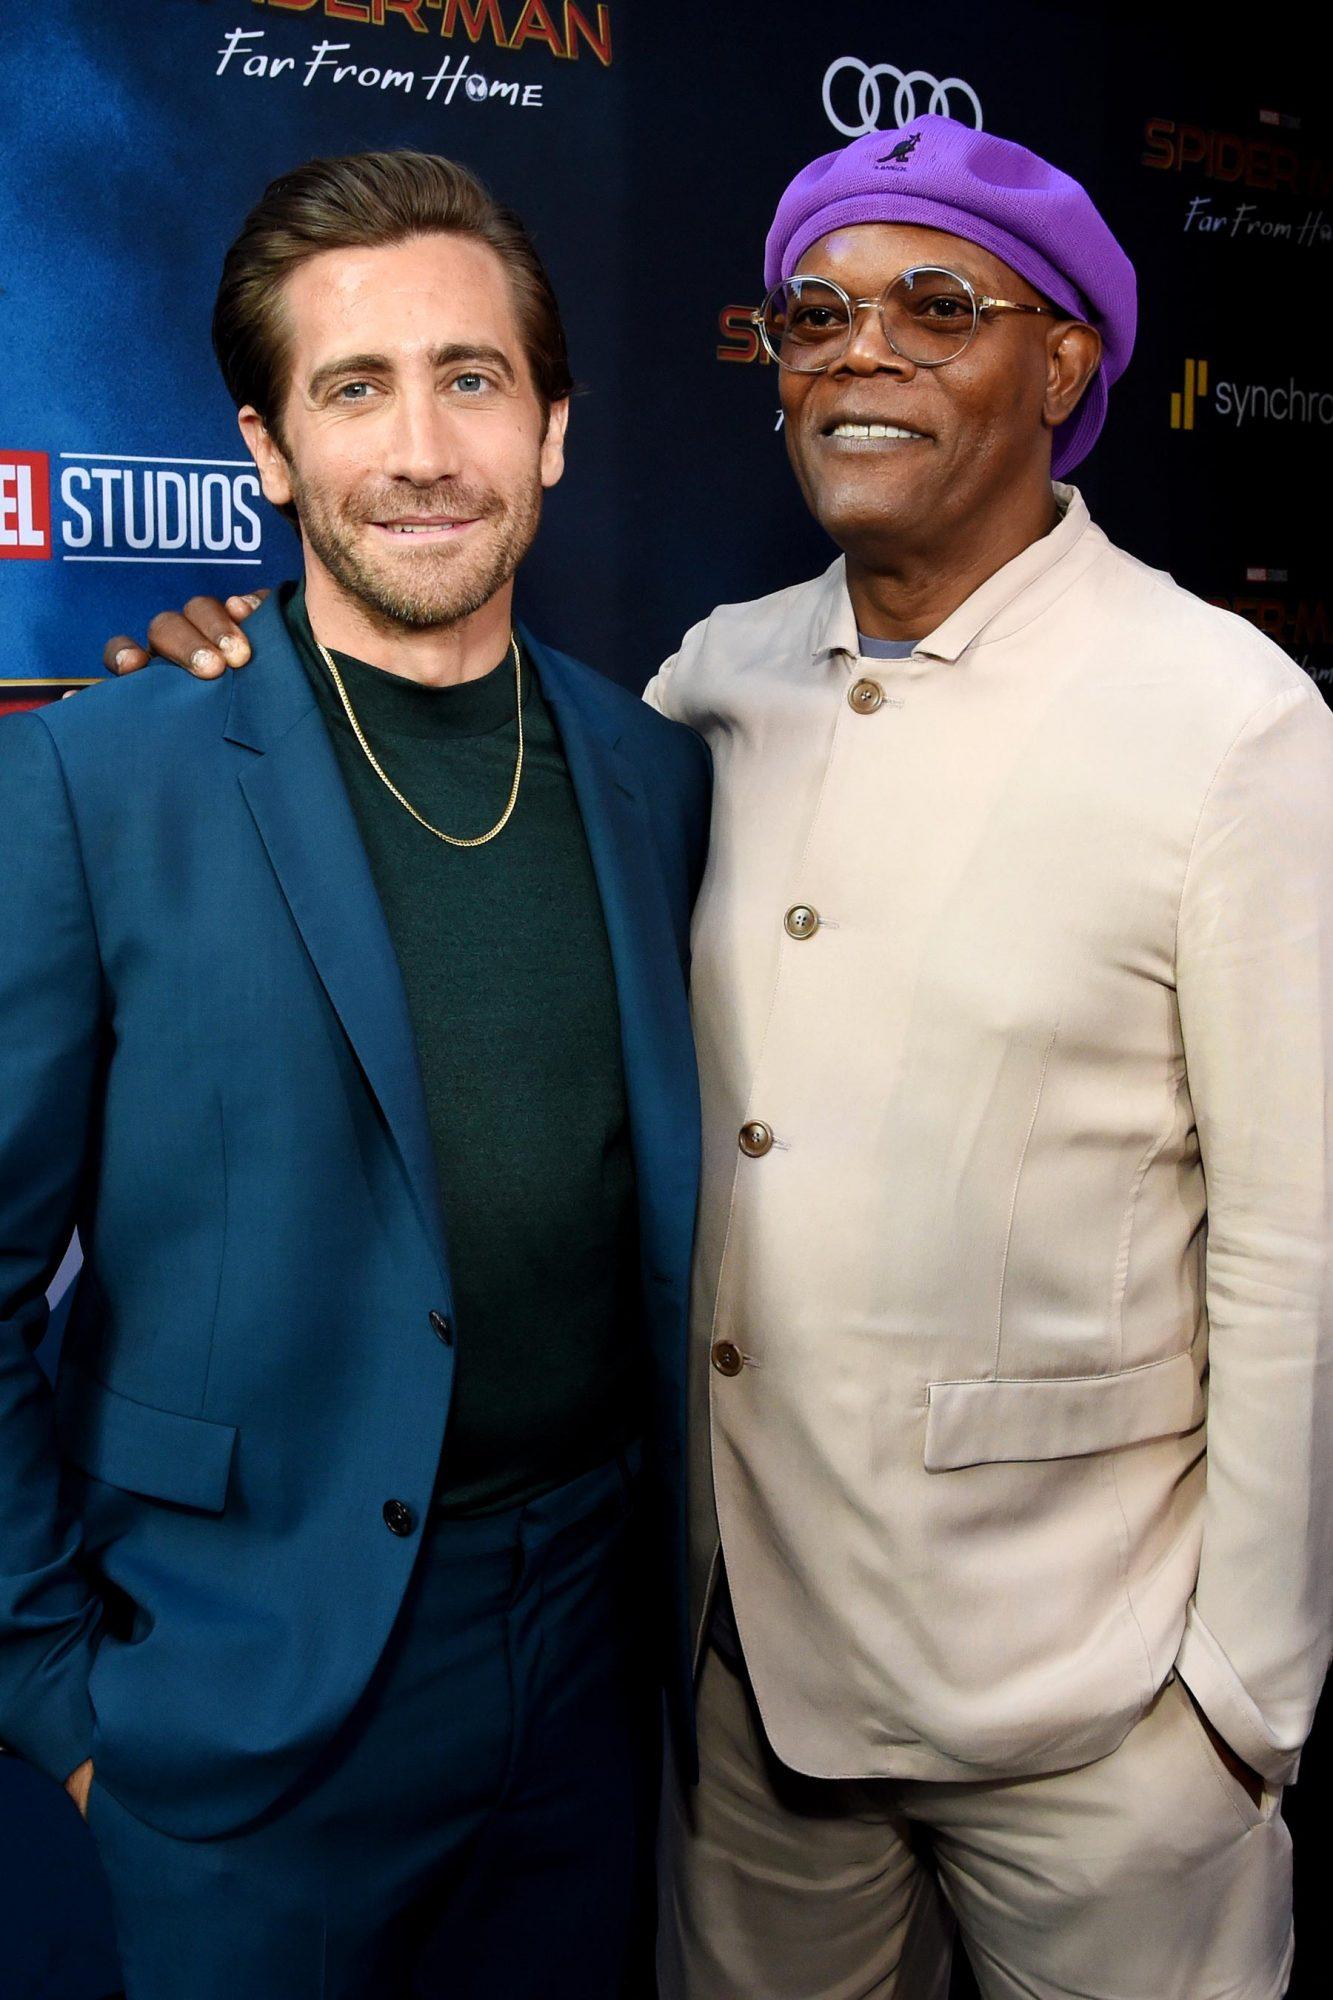 Jake Gyllenhaal and Samuel L. Jackson